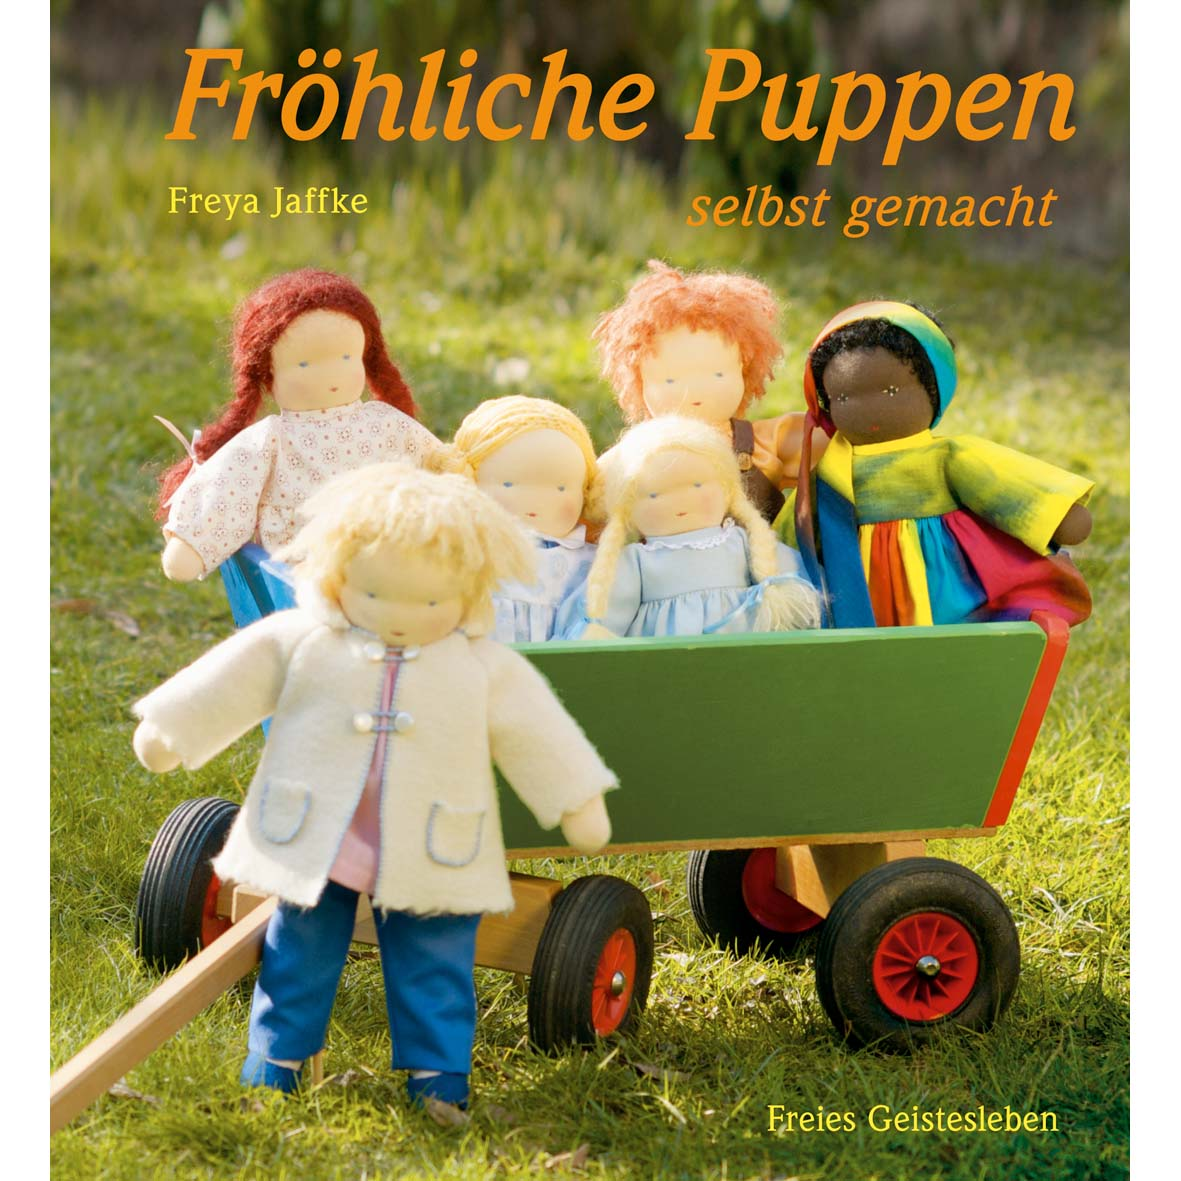 Buch Fröhliche Puppen selbst gemacht   Lila Lämmchen Onlineshop